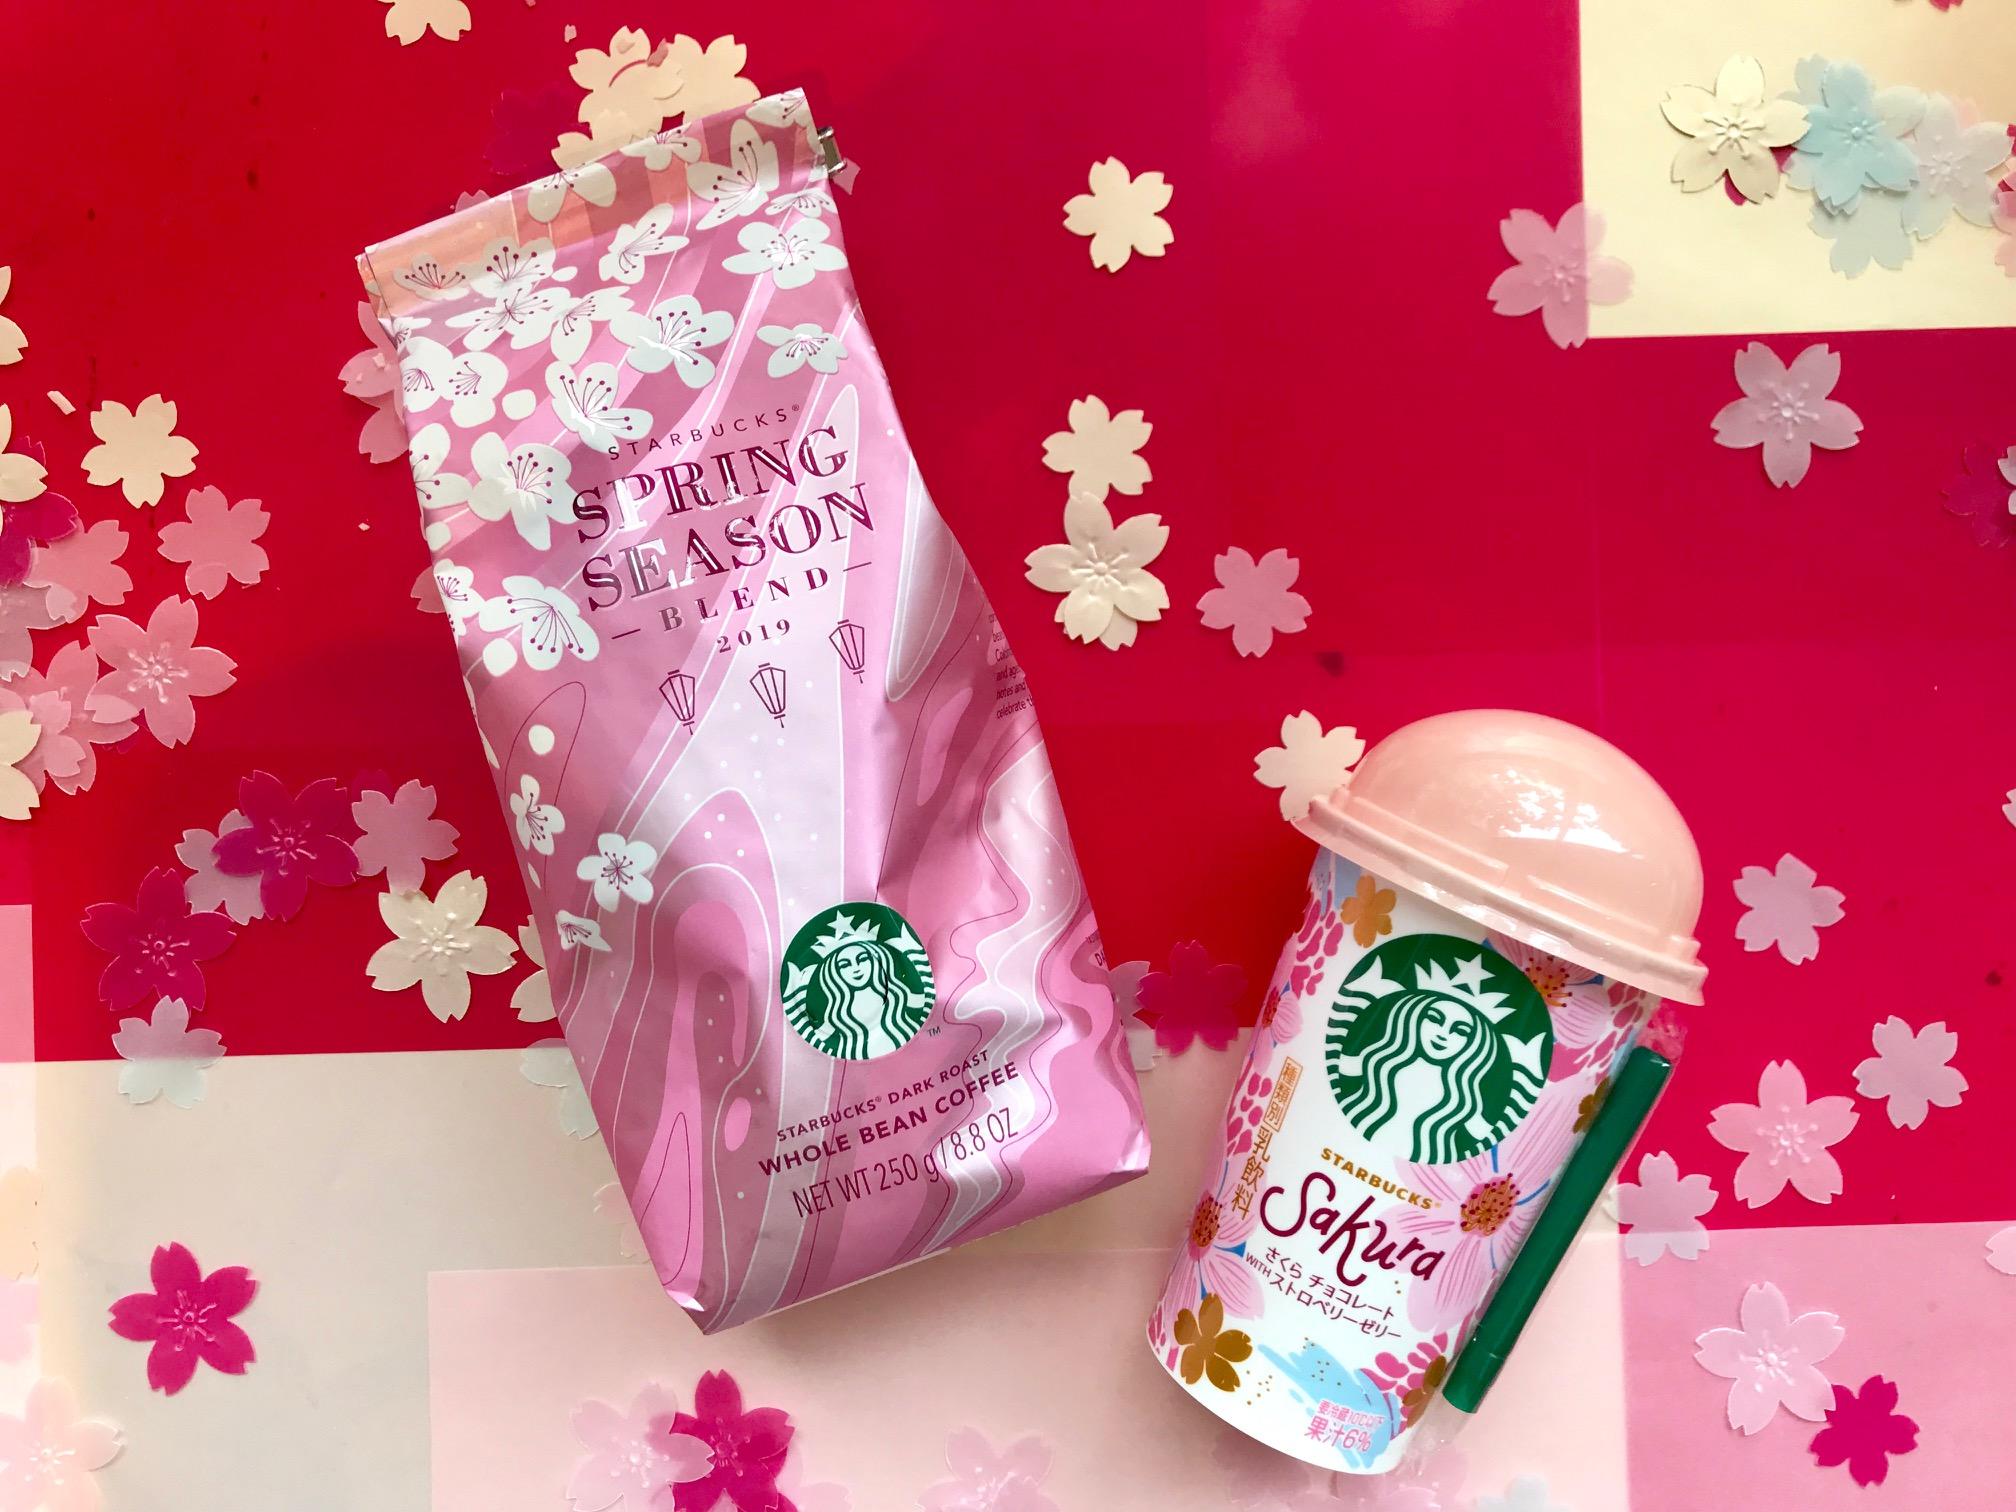 桜スイーツ特集《2019年版》- 限定グルメやスタバの新作、お花見グルメも!_9